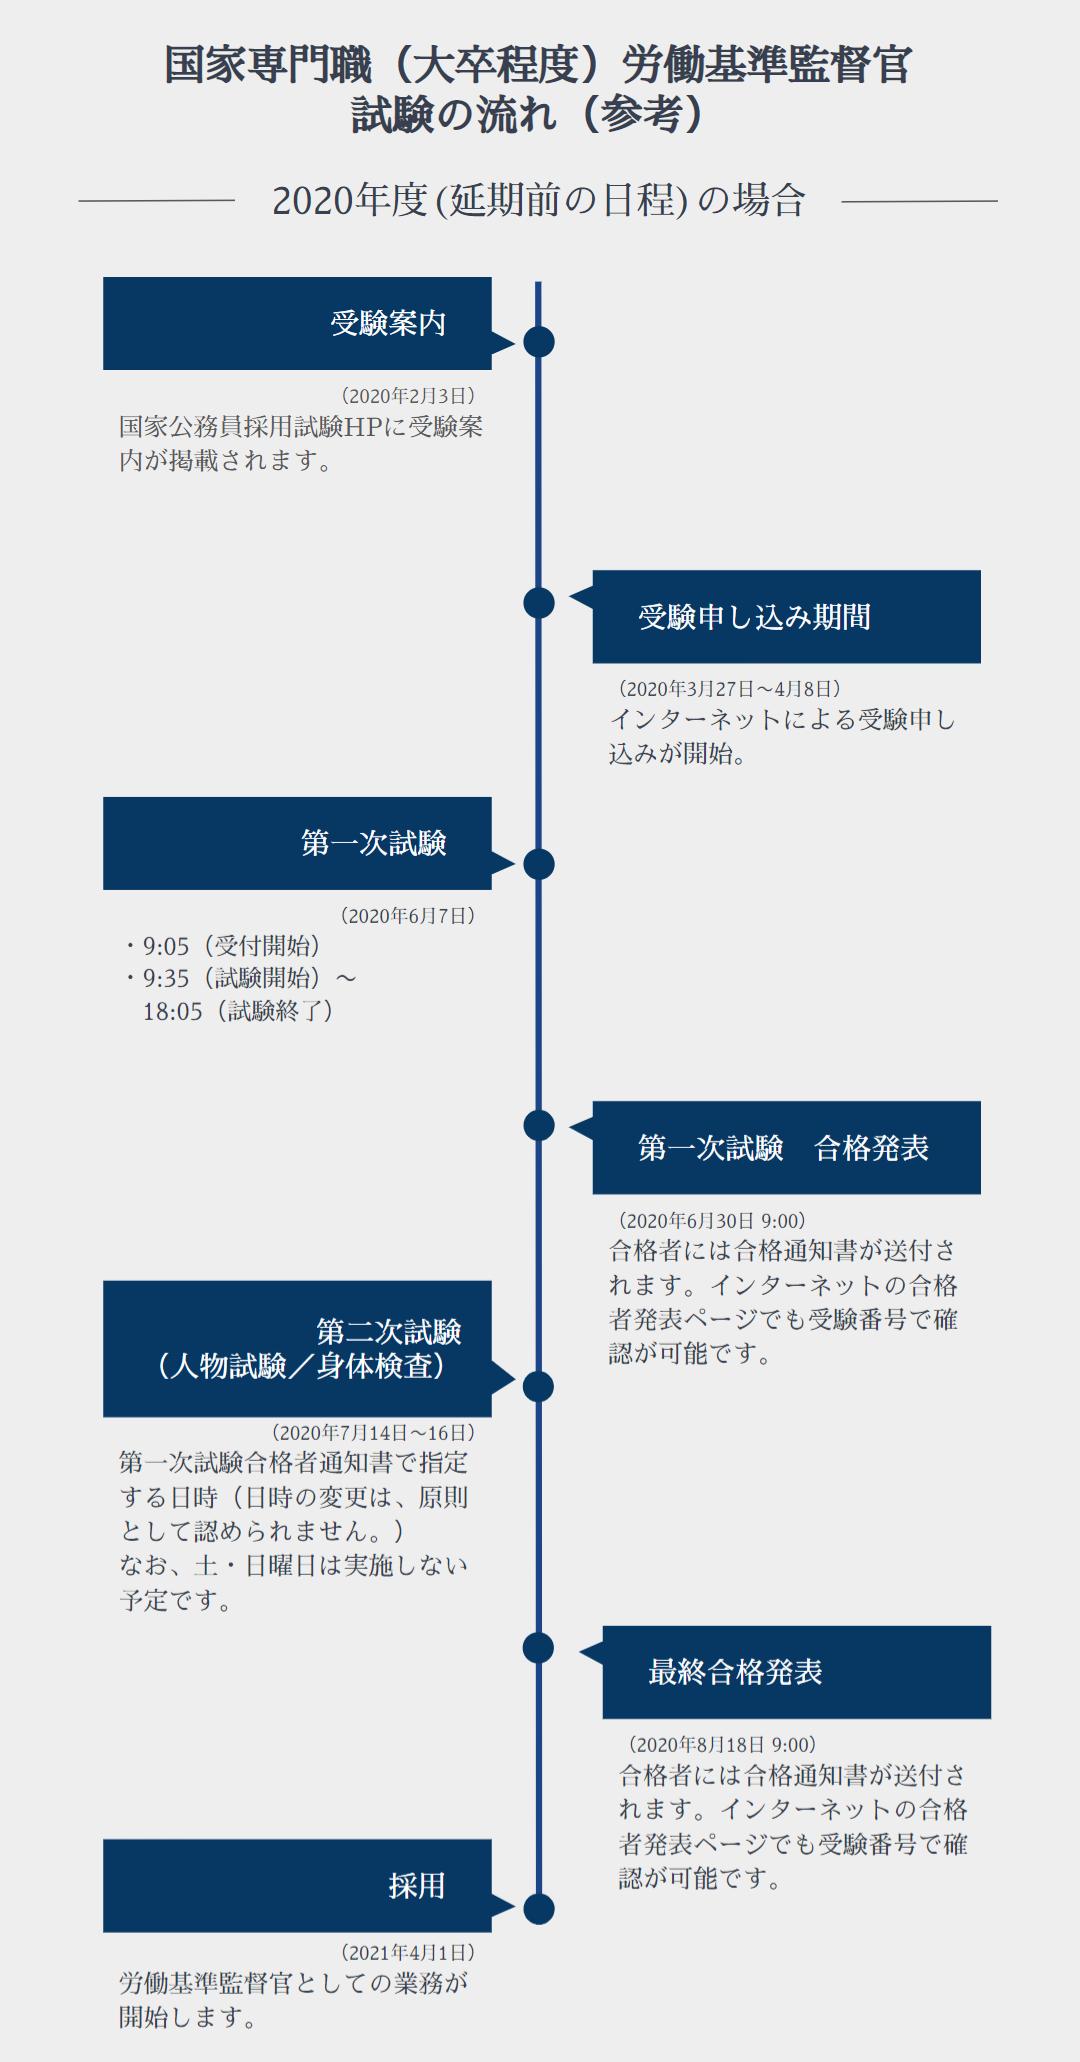 労働基準監督官 試験の流れ イメージ画像